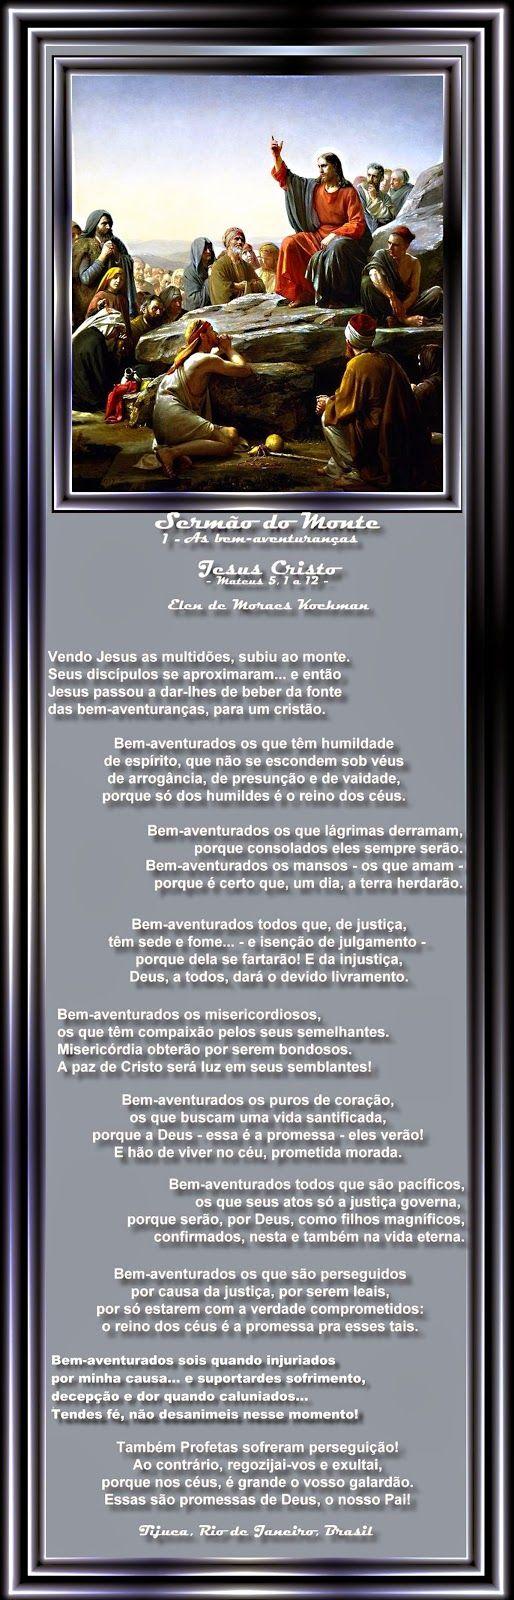 Elen de Moraes Kochman (borboletapoeta): SERMÃO DO MONTE - I- As bem-aventuranças - Elen de...